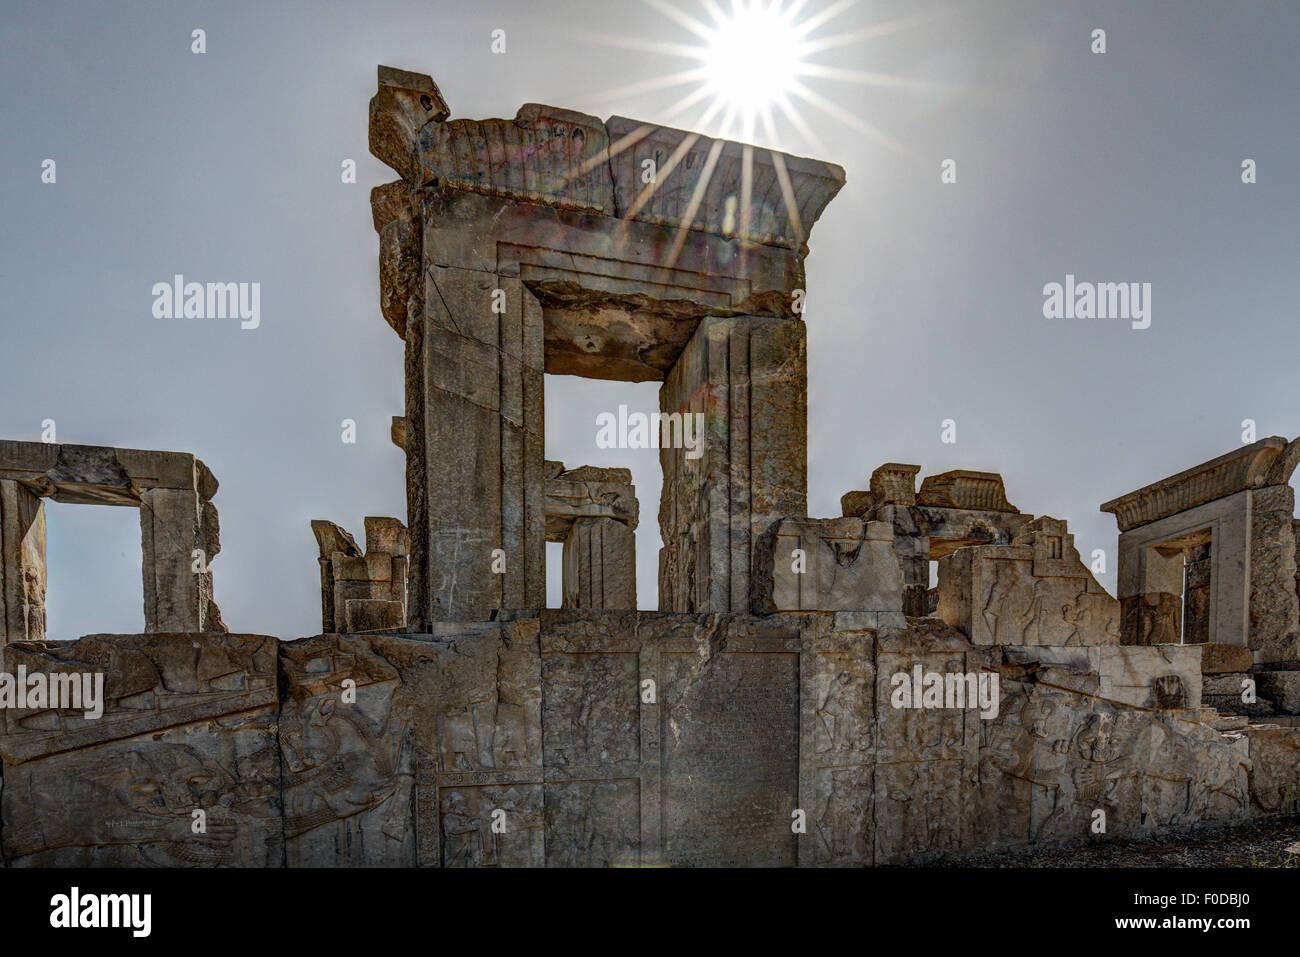 Ruinas de Persépolis, Irán Imagen De Stock